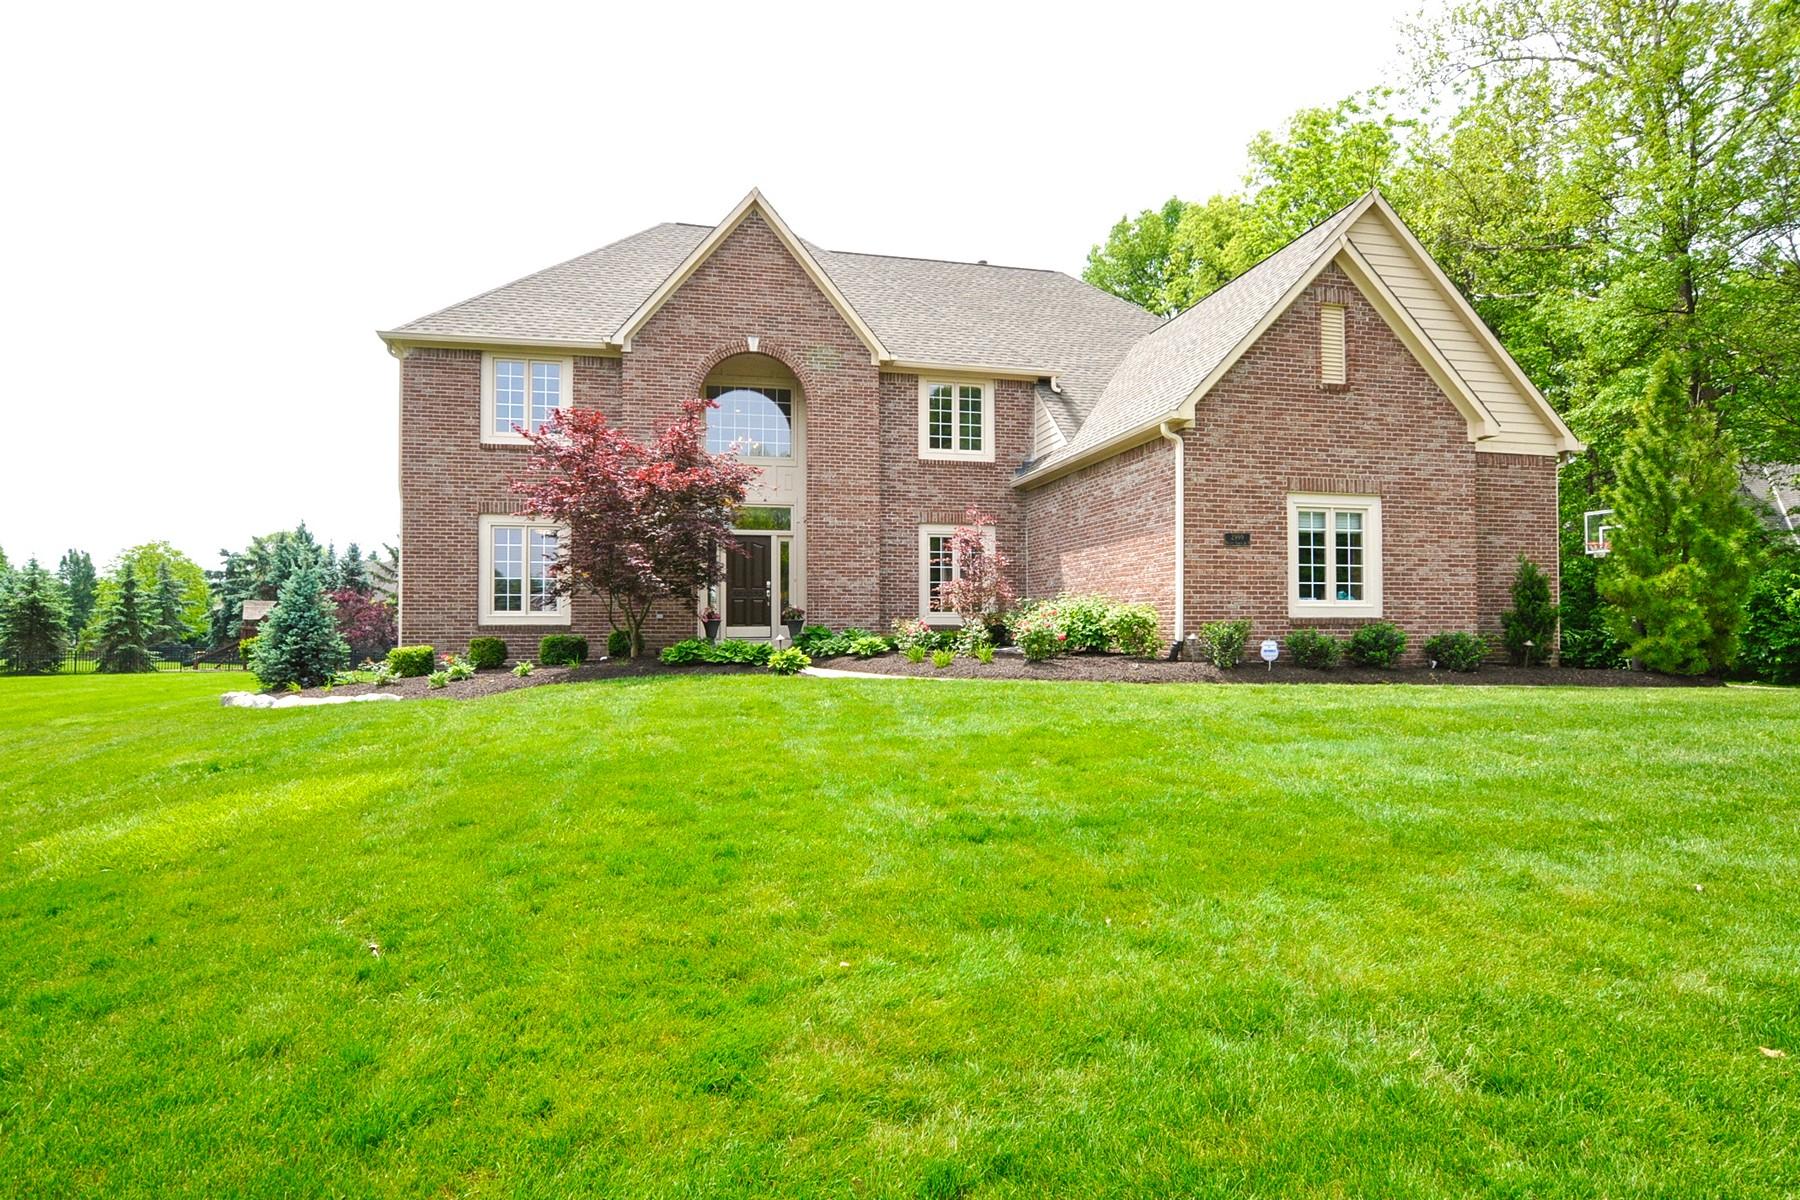 Maison unifamiliale pour l Vente à Beautifully Updated Home 2999 Walnut Creek Drive Carmel, Indiana, 46032 États-Unis